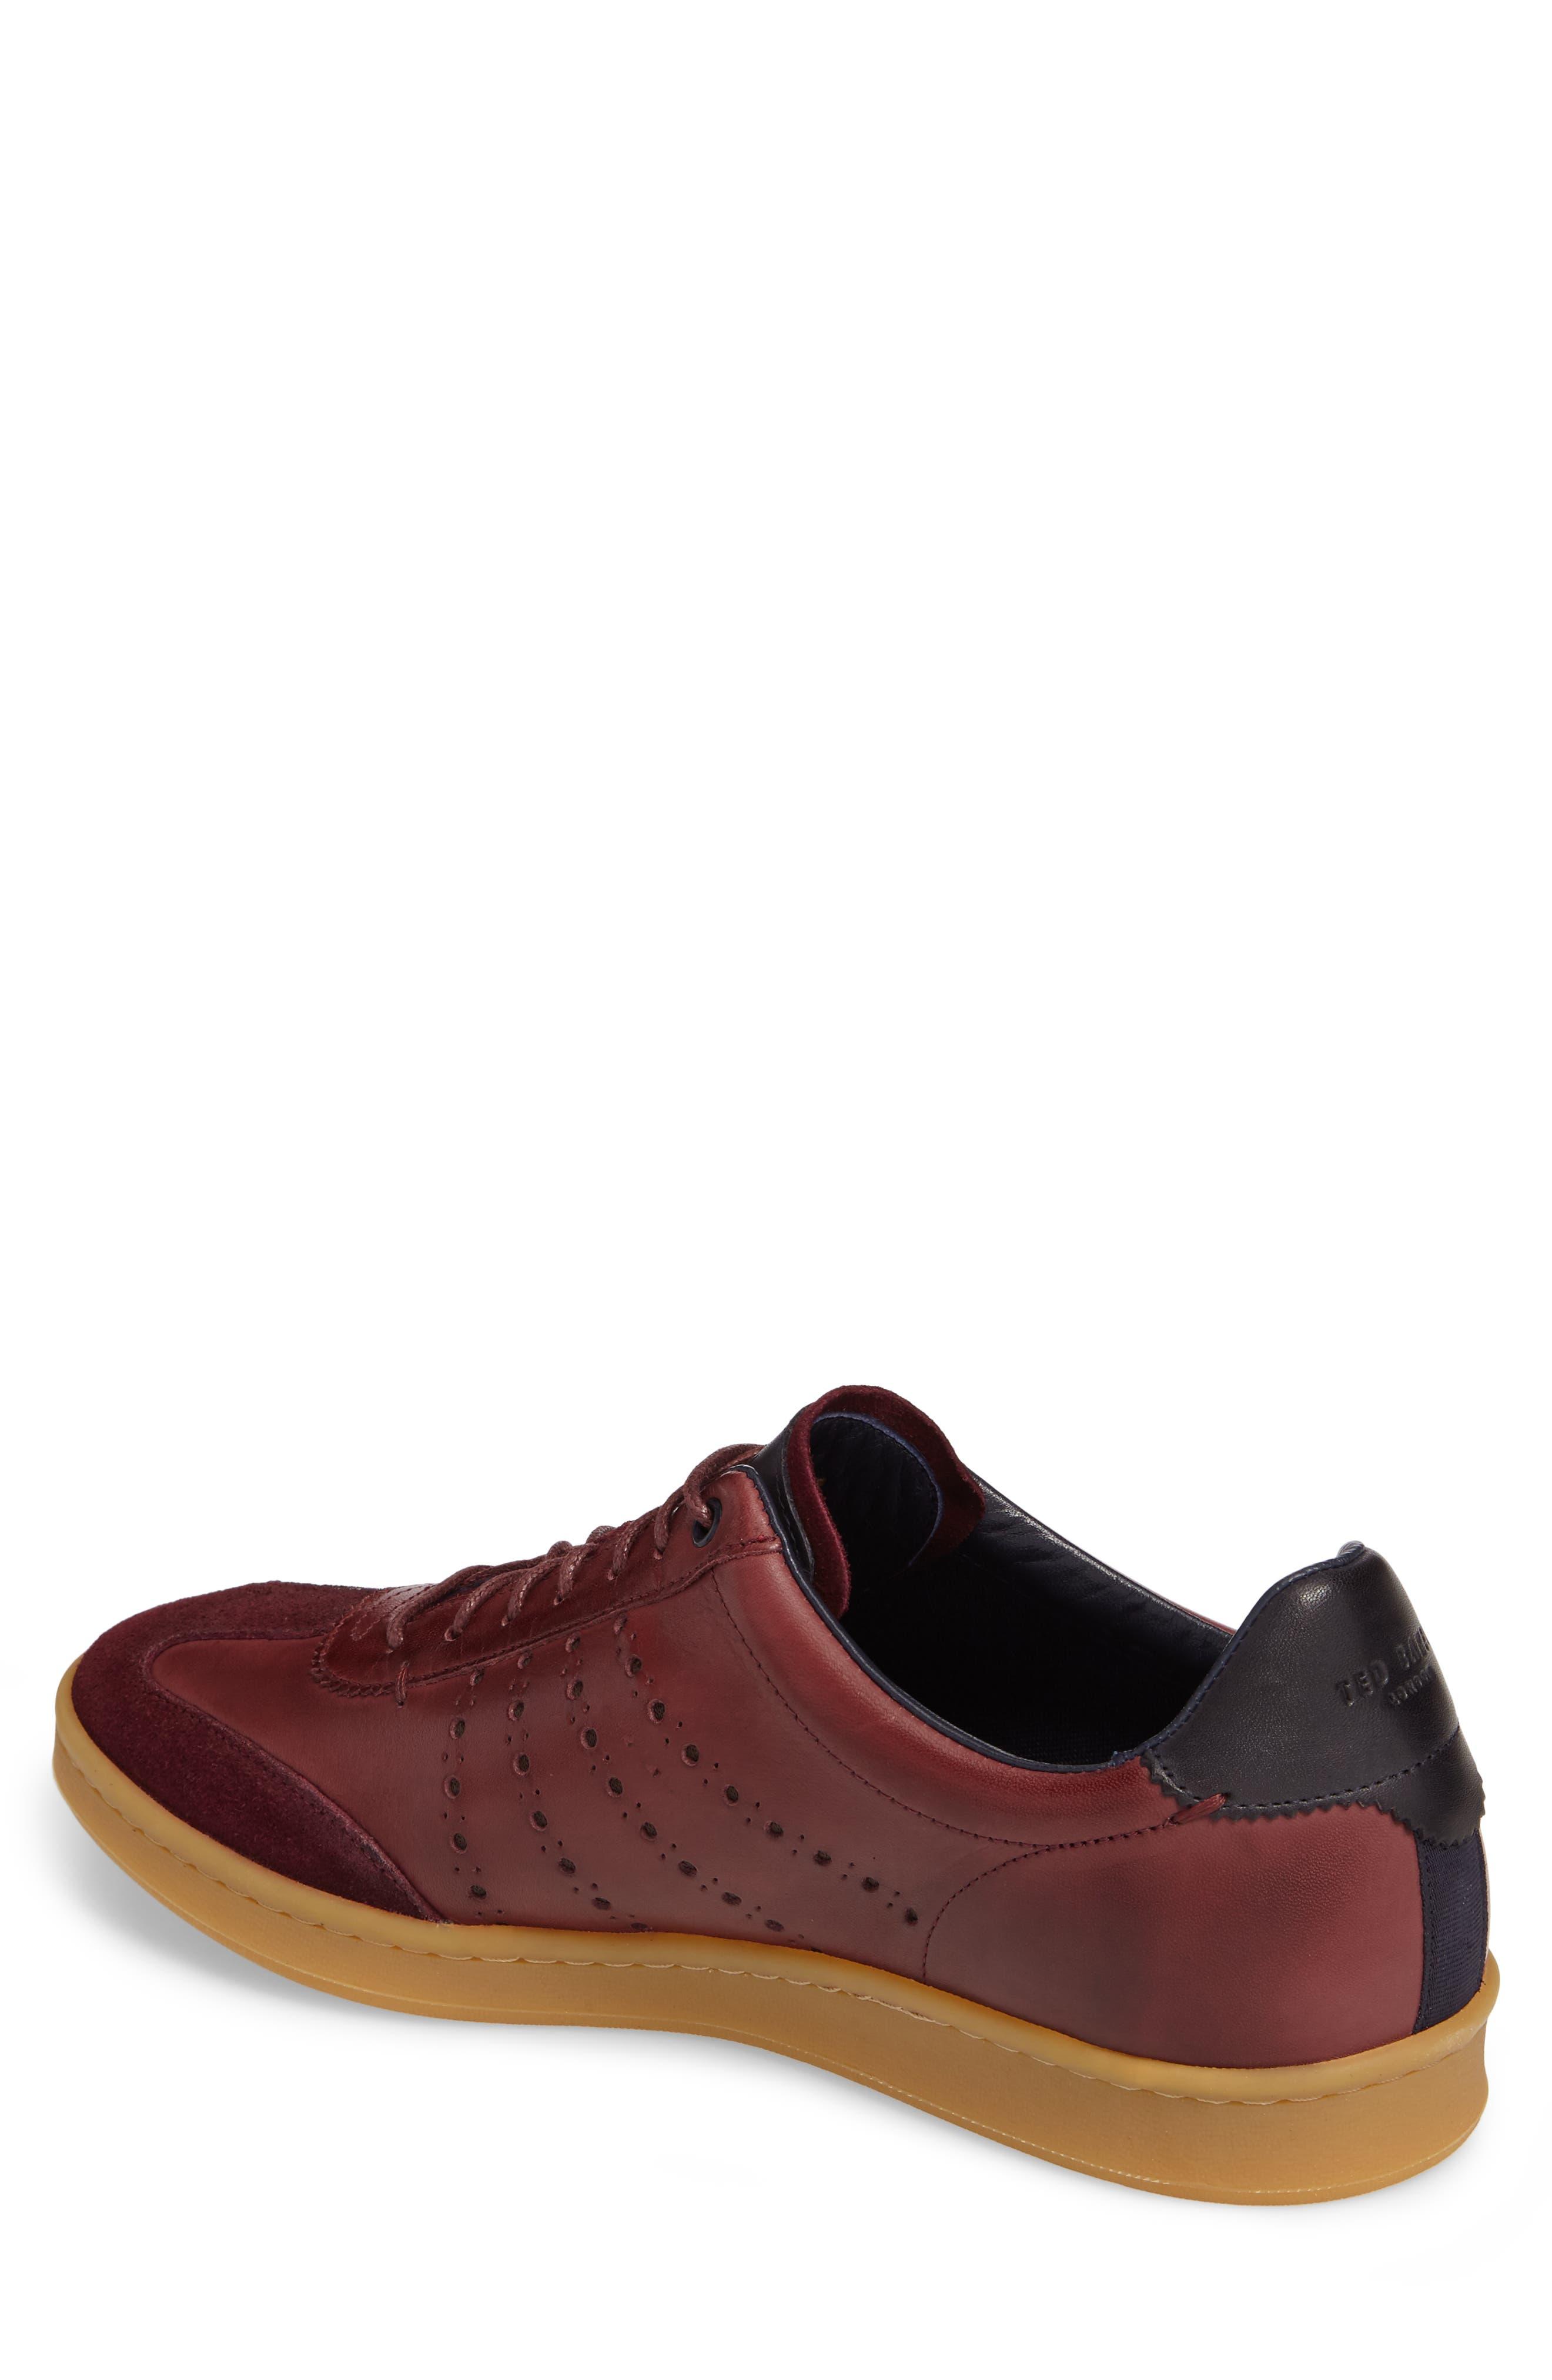 Orlee Sneaker,                             Alternate thumbnail 10, color,